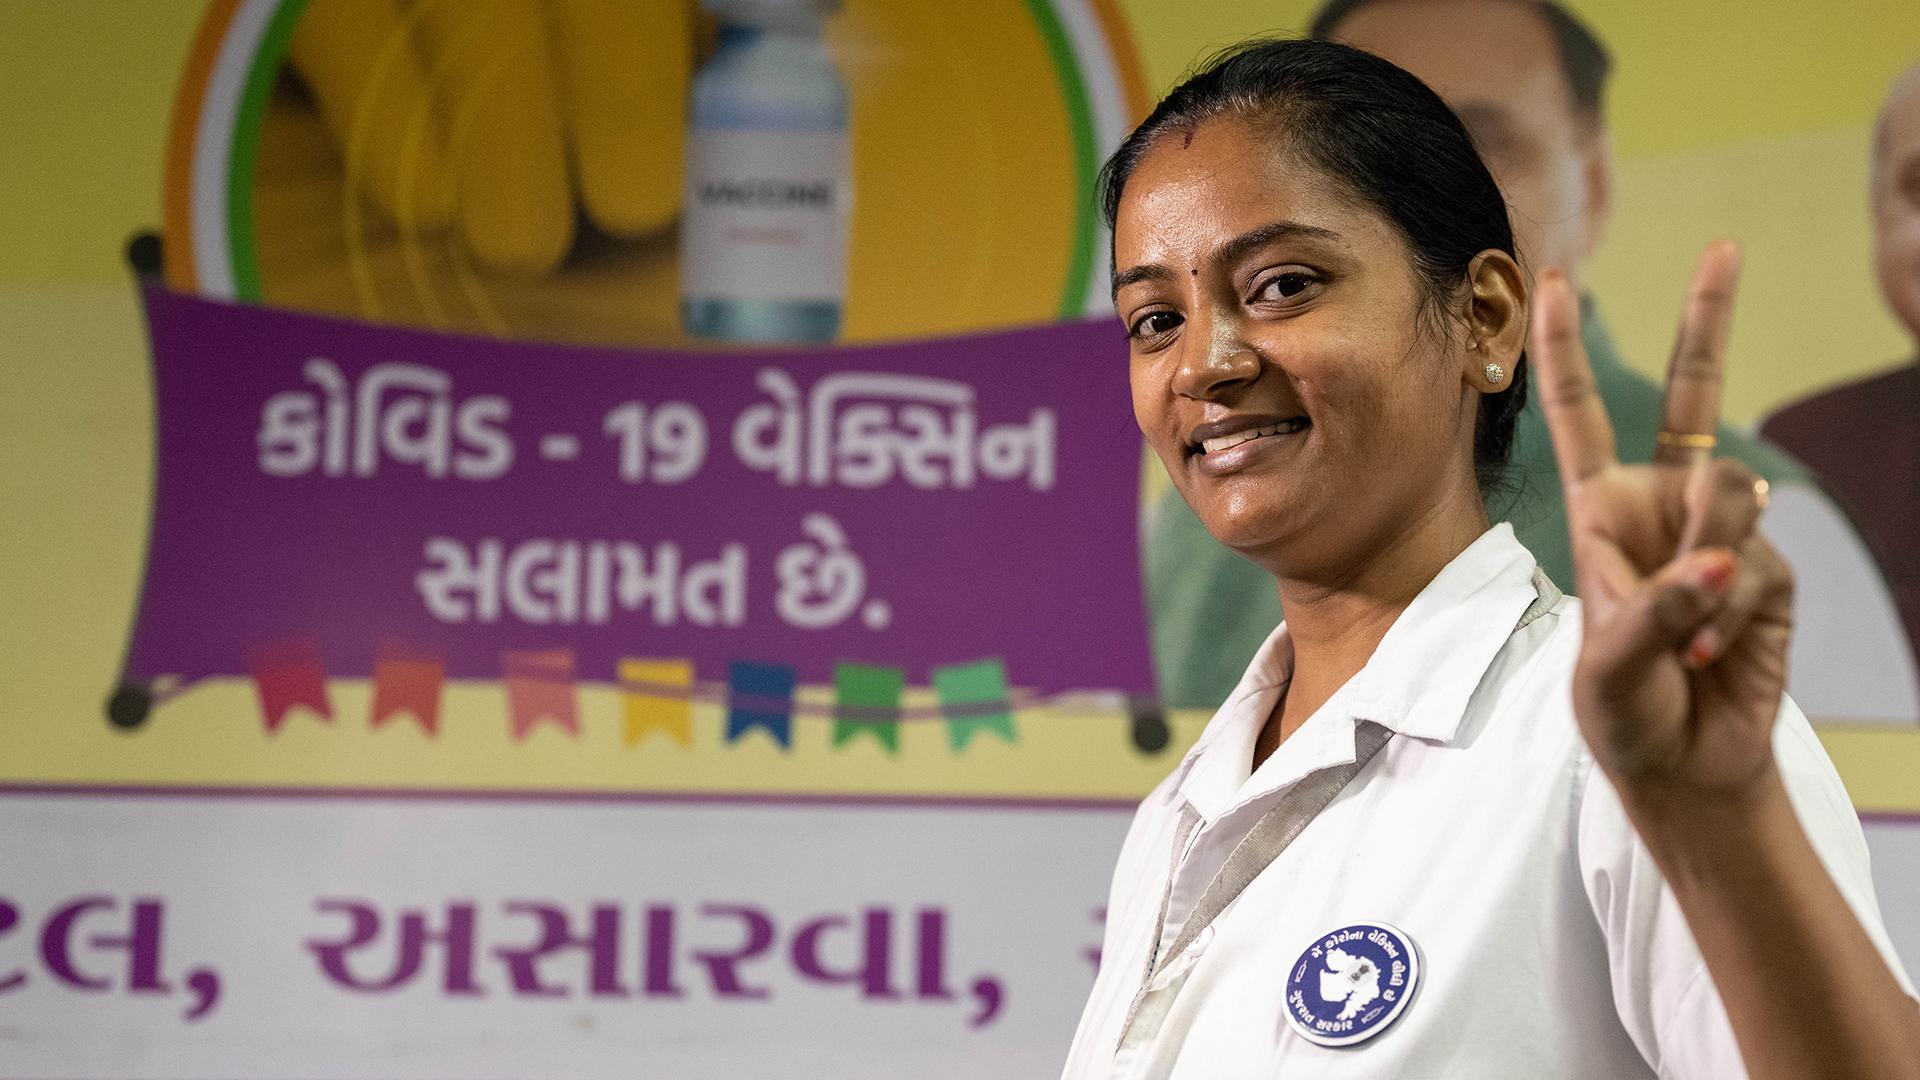 Sairaanhoitaja näyttää sormillaan V-voitonmerkkiä Intiassa